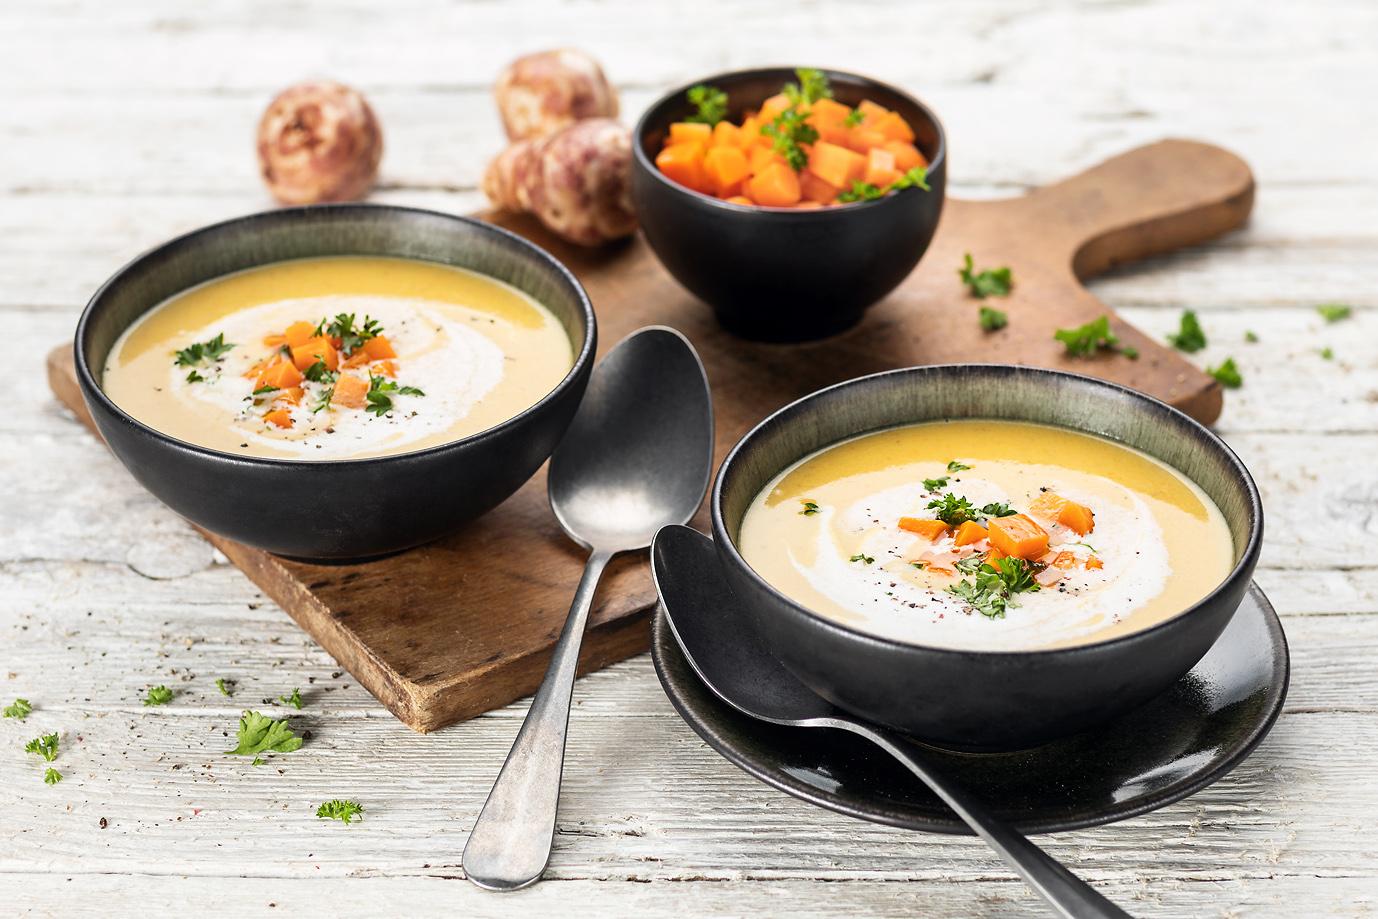 Velouté de topinambour, carotte et poireau